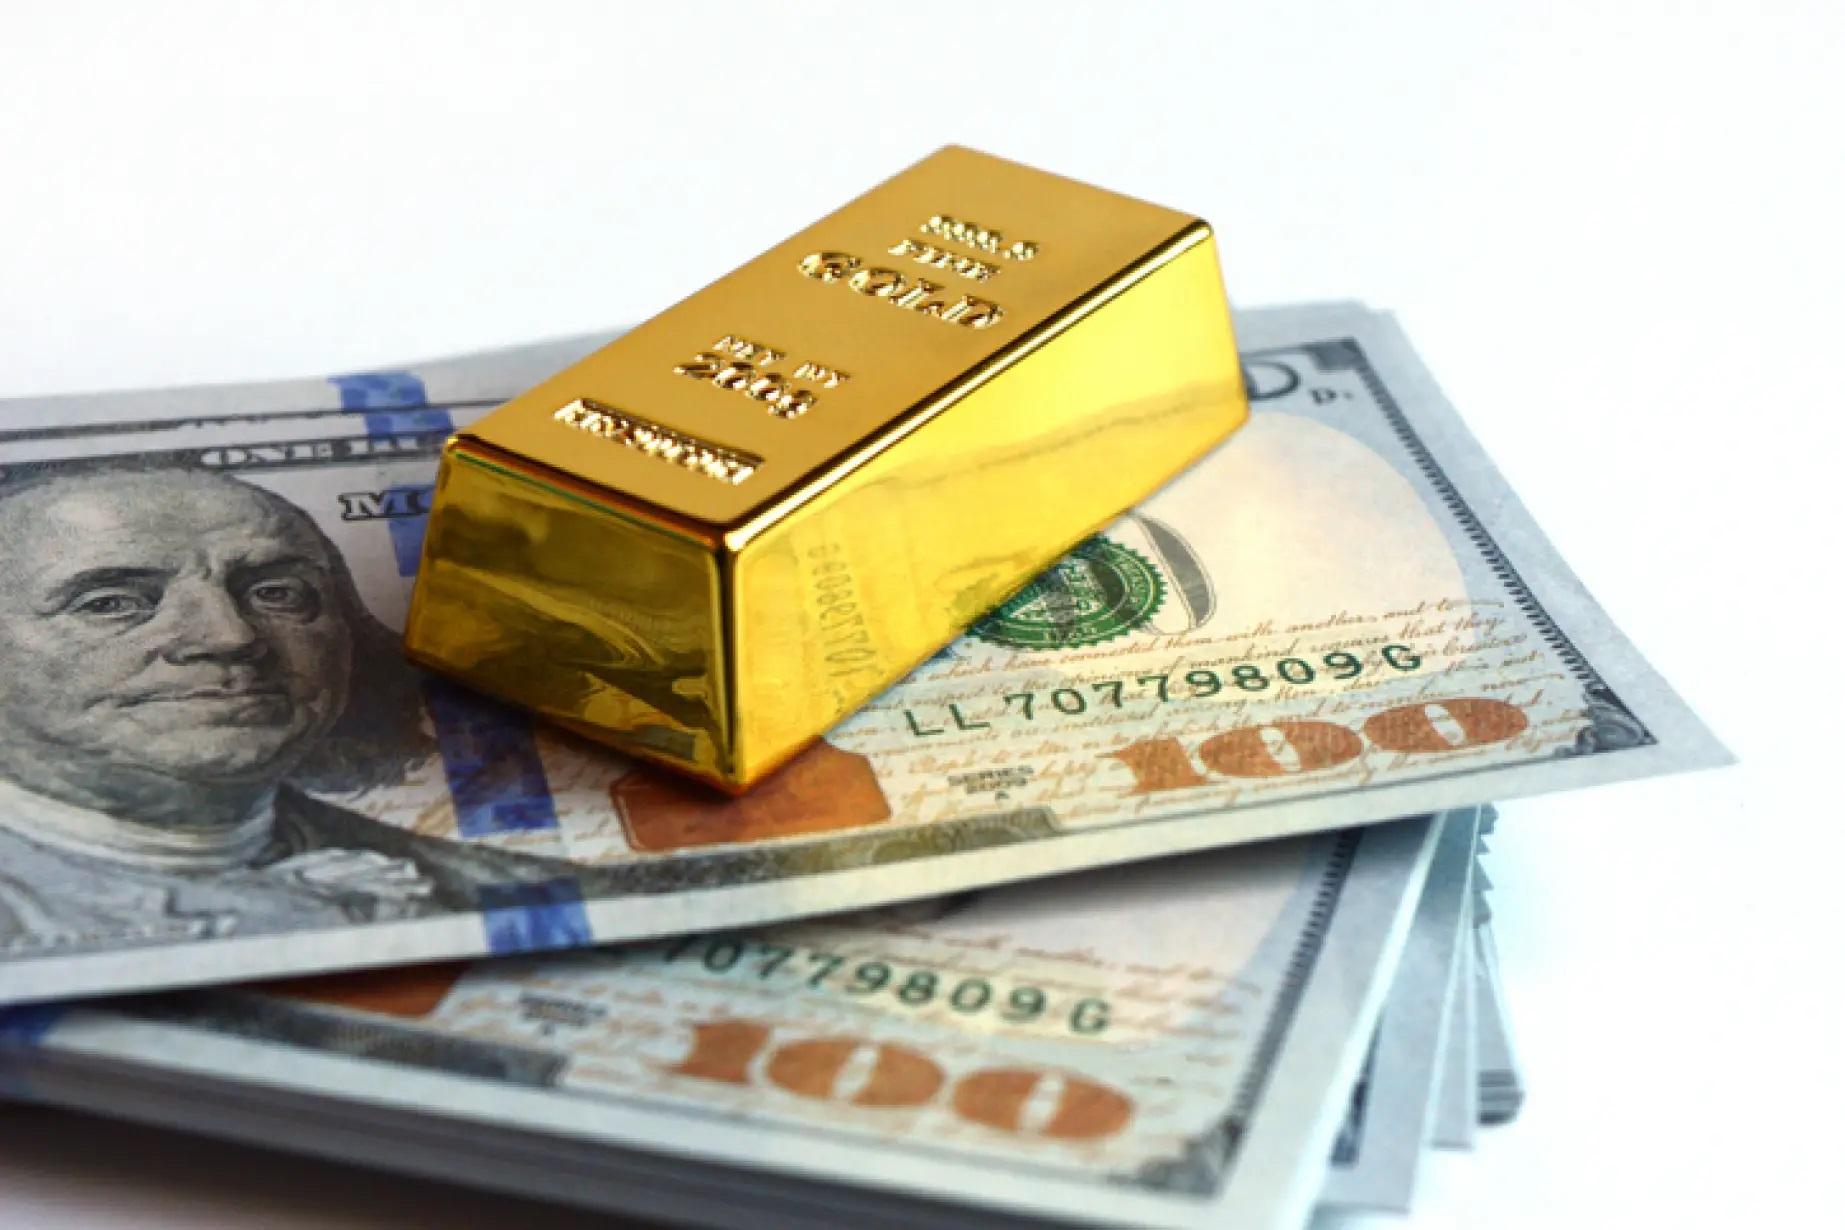 الليرة السورية مقابل العملات والذهب الأربعاء 14 07 2021